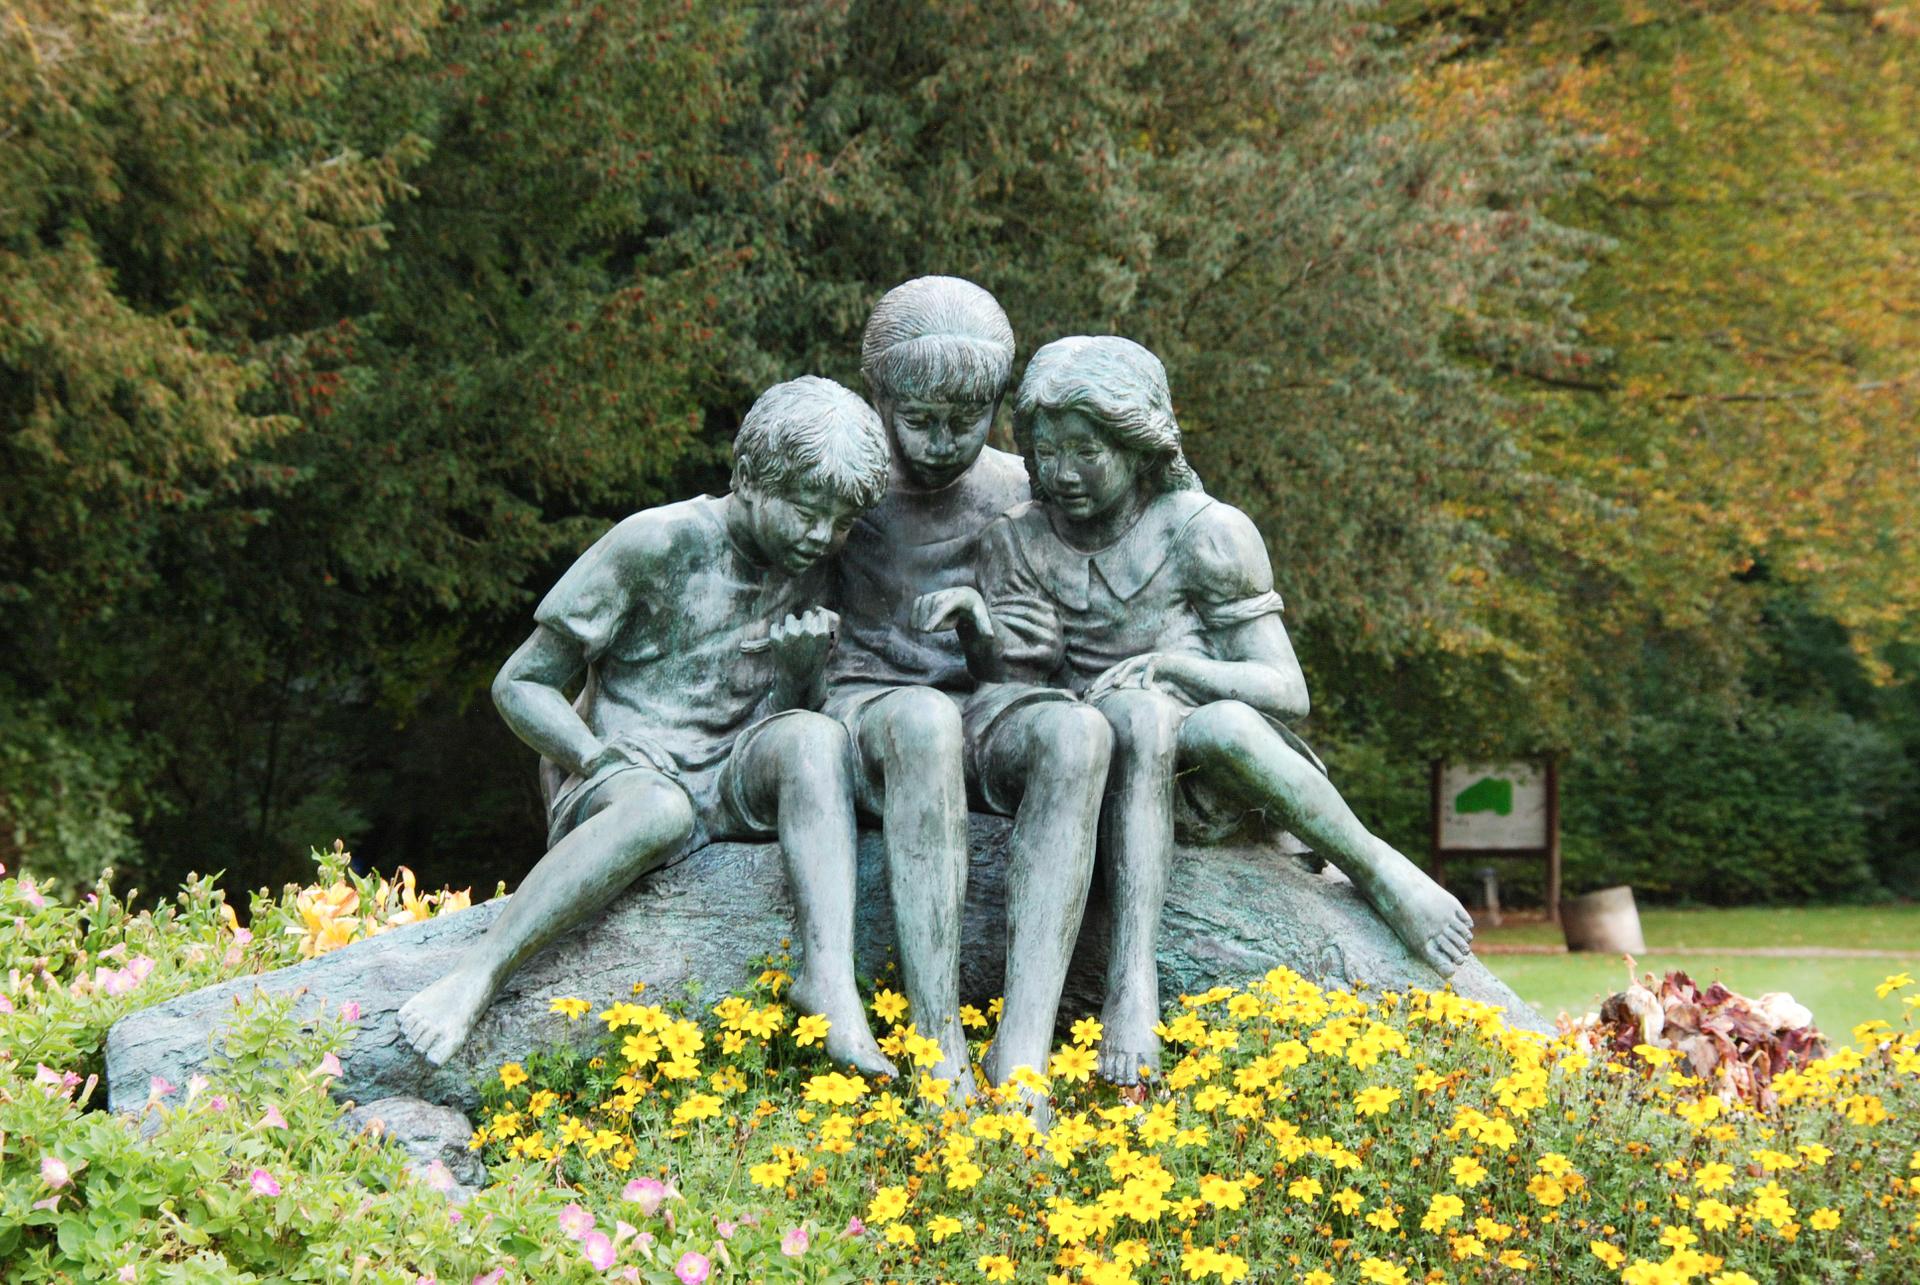 malmedy children-1465223_1920.jpg